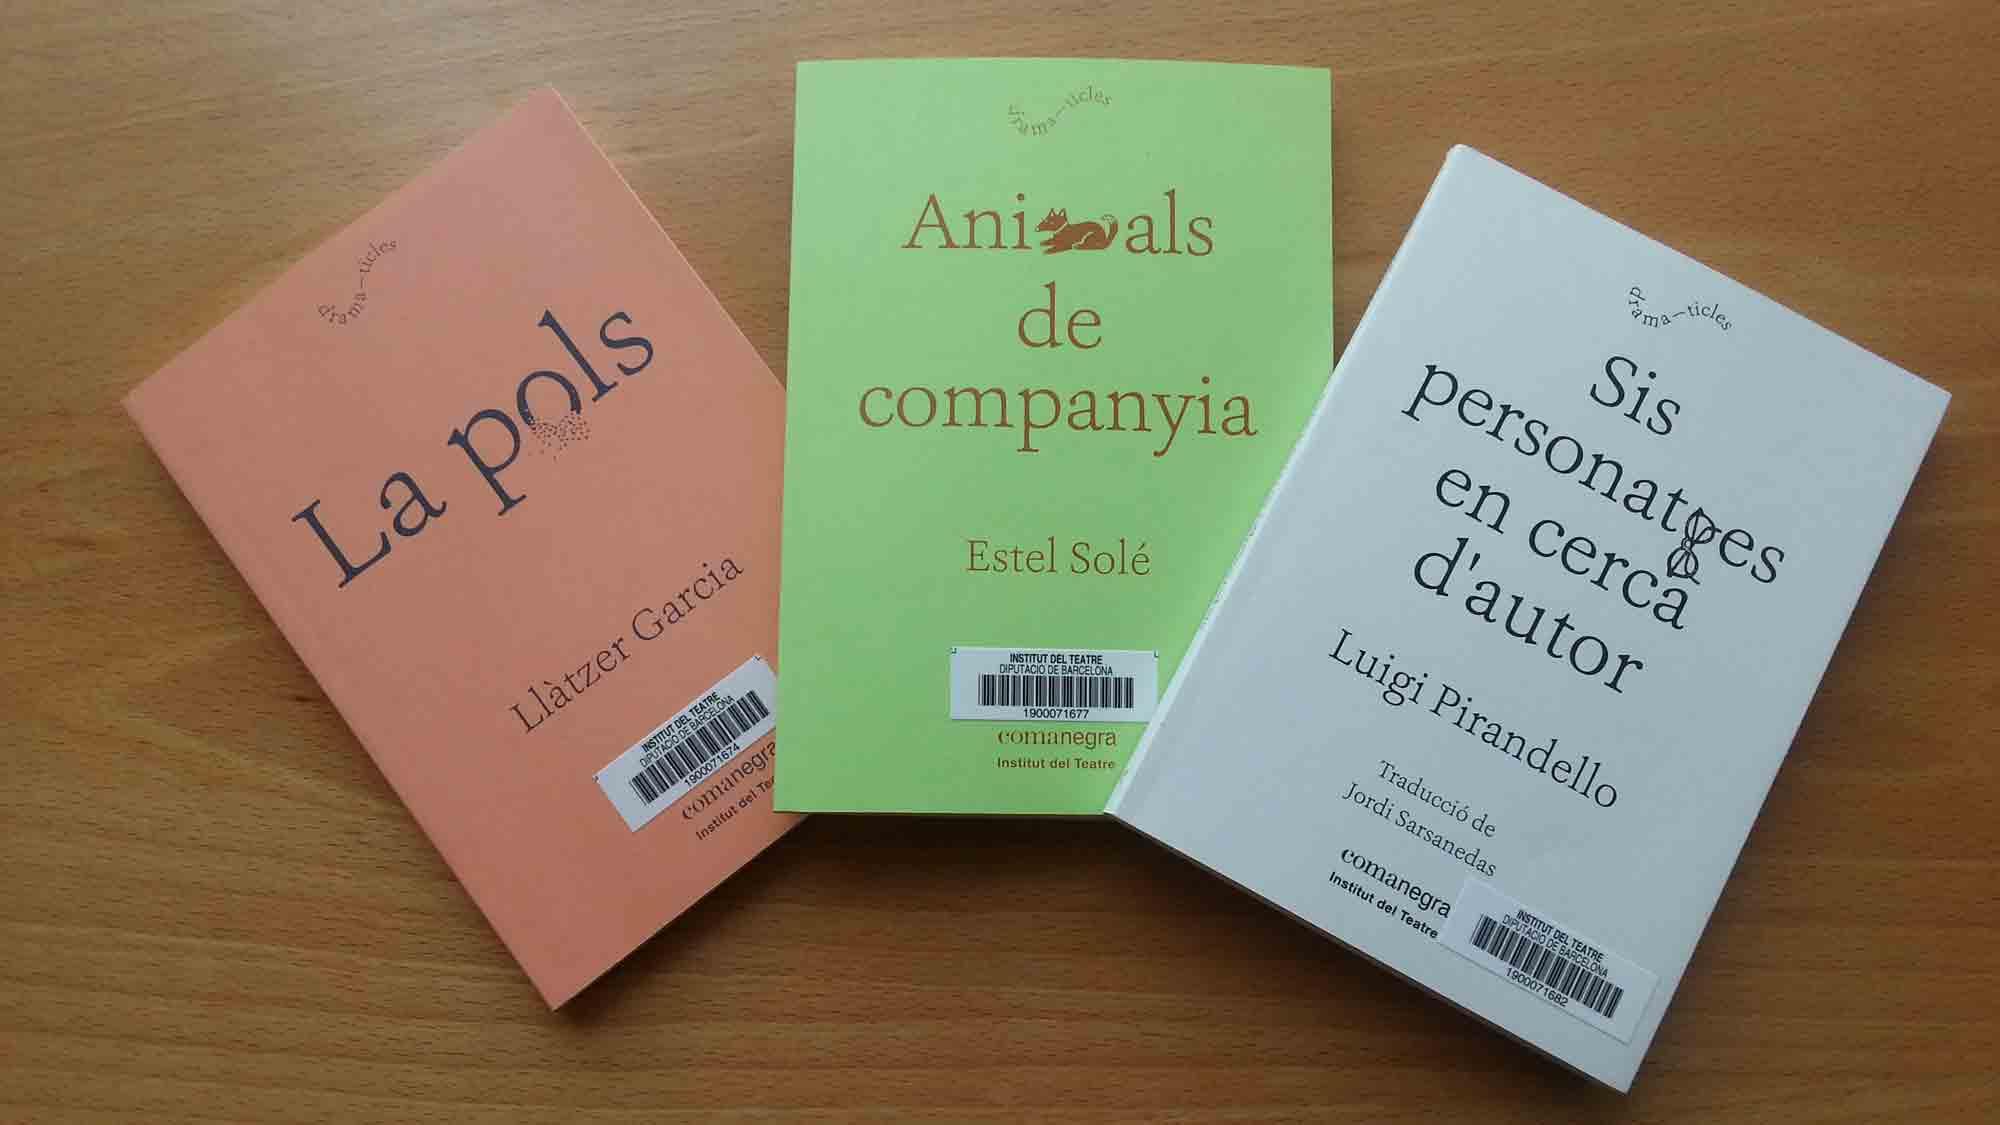 Col·lecció de textos teatral Dramaticles, coeditada per l'Institut del Teatre i Comanegra